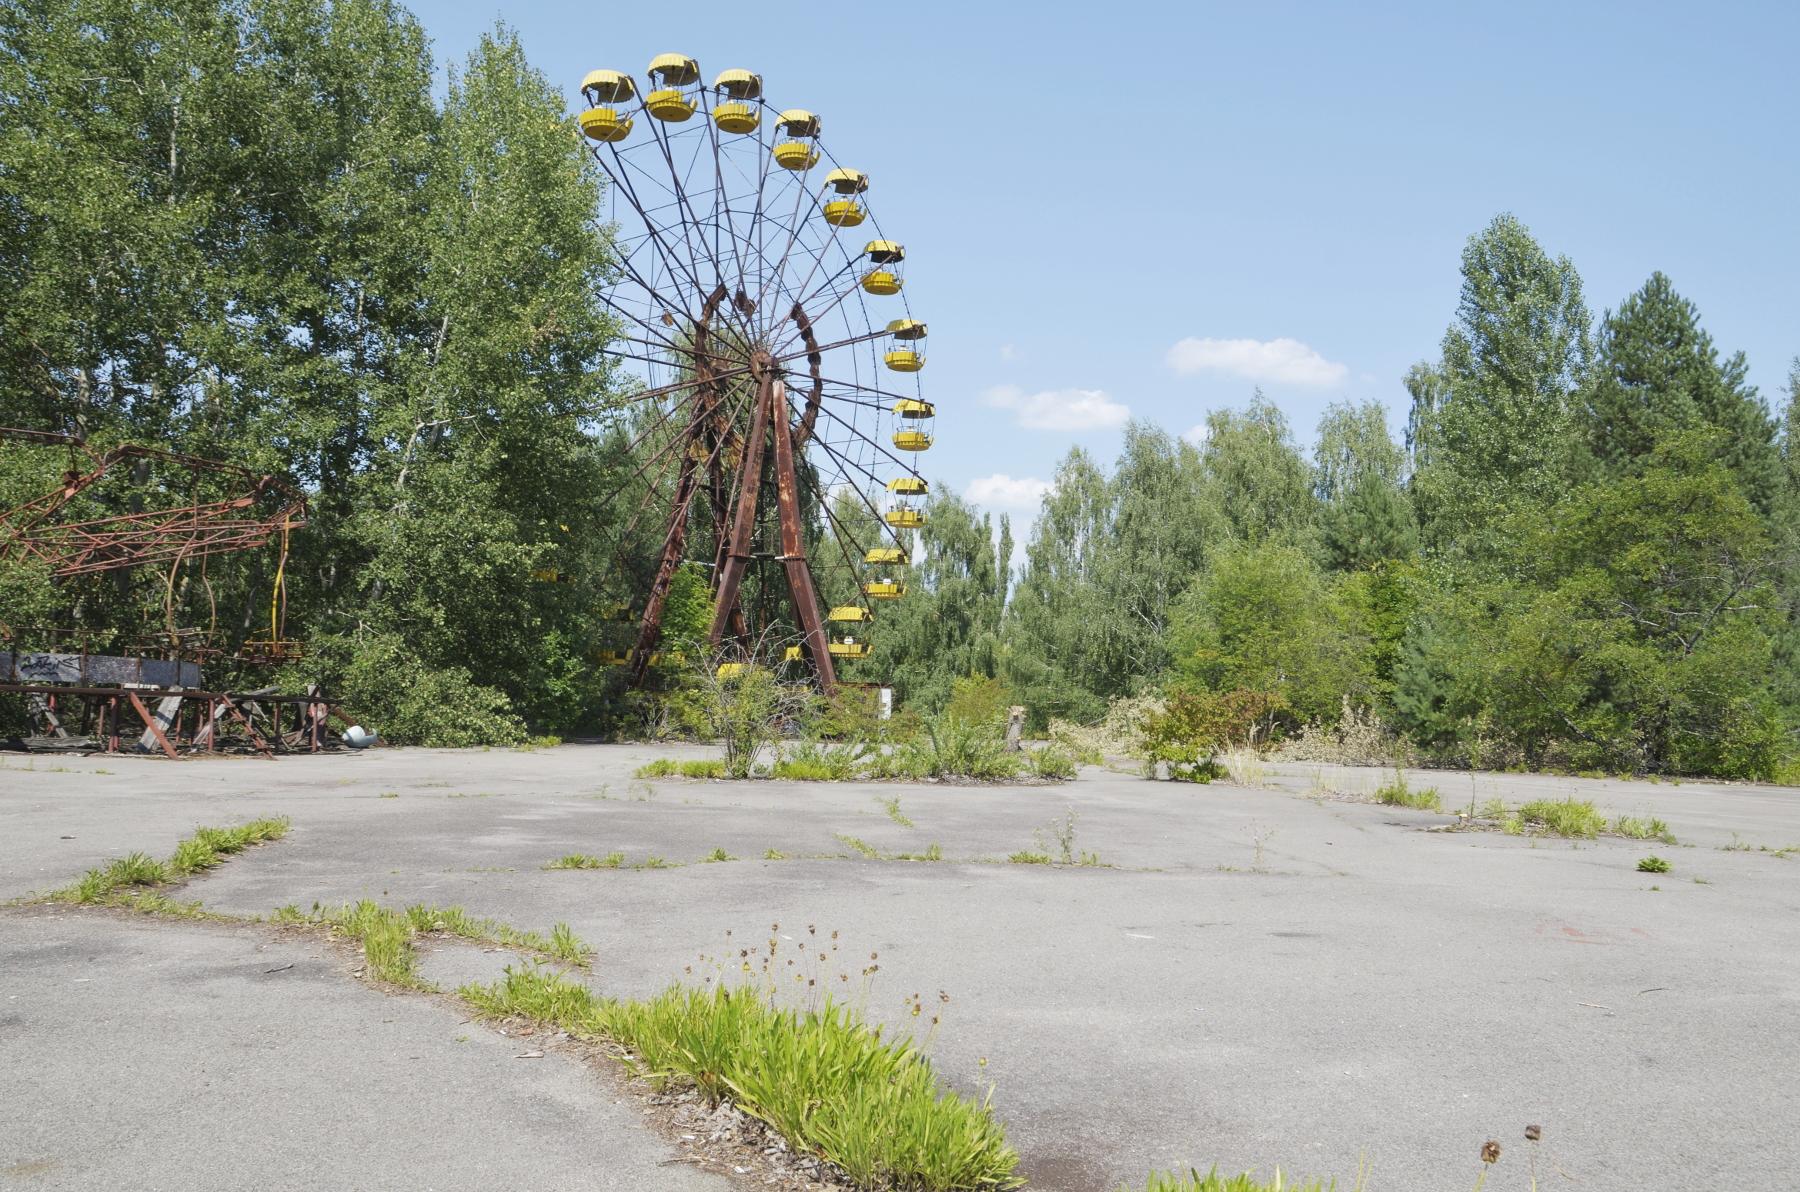 Visitare Chernobyl: una guida